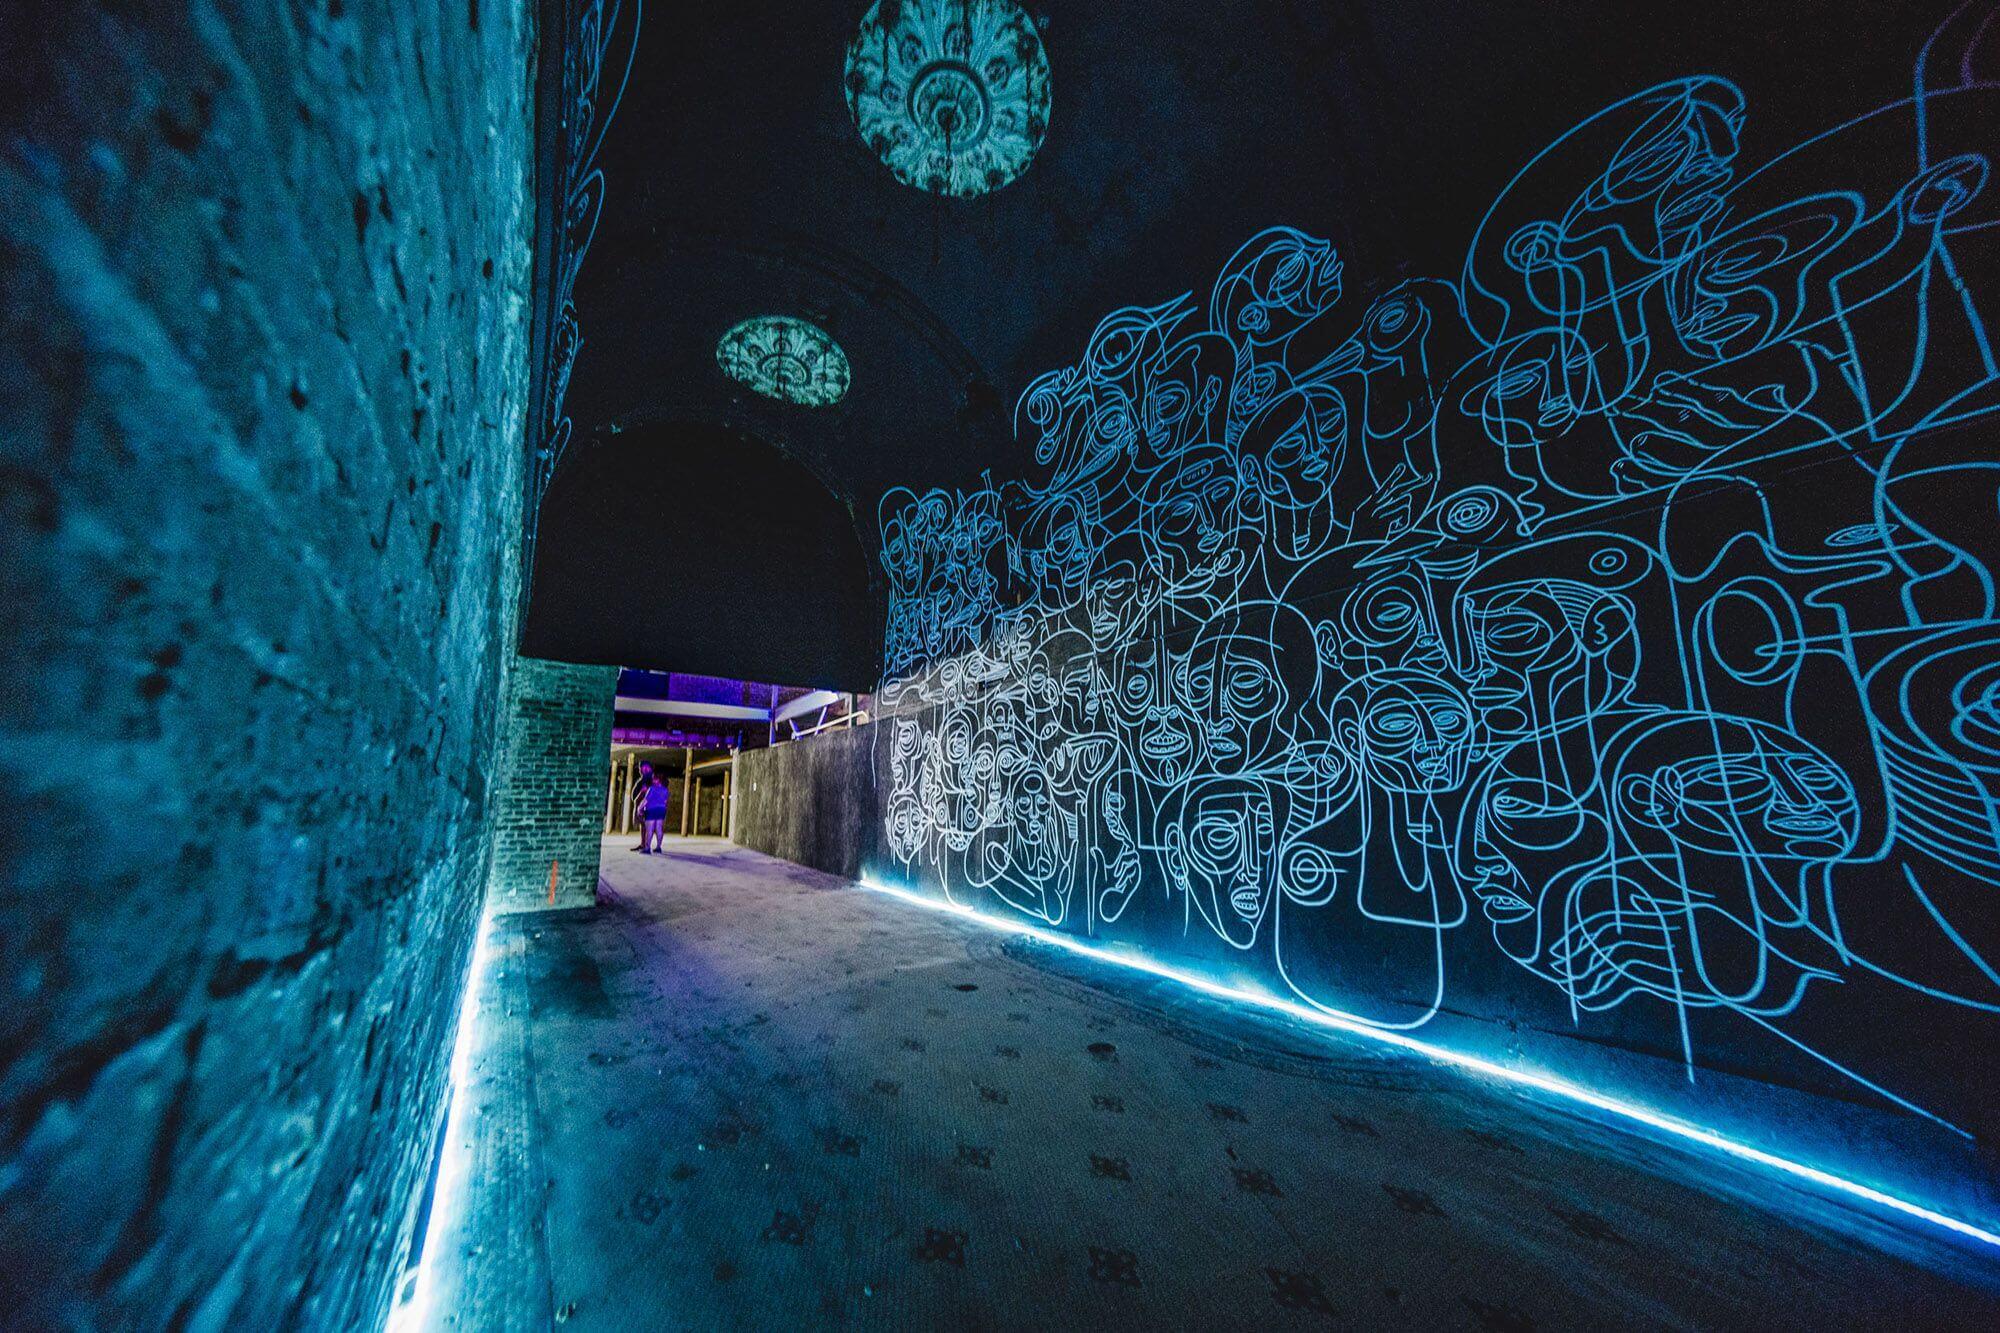 instalación de Doze Green en The Unexpected 2017